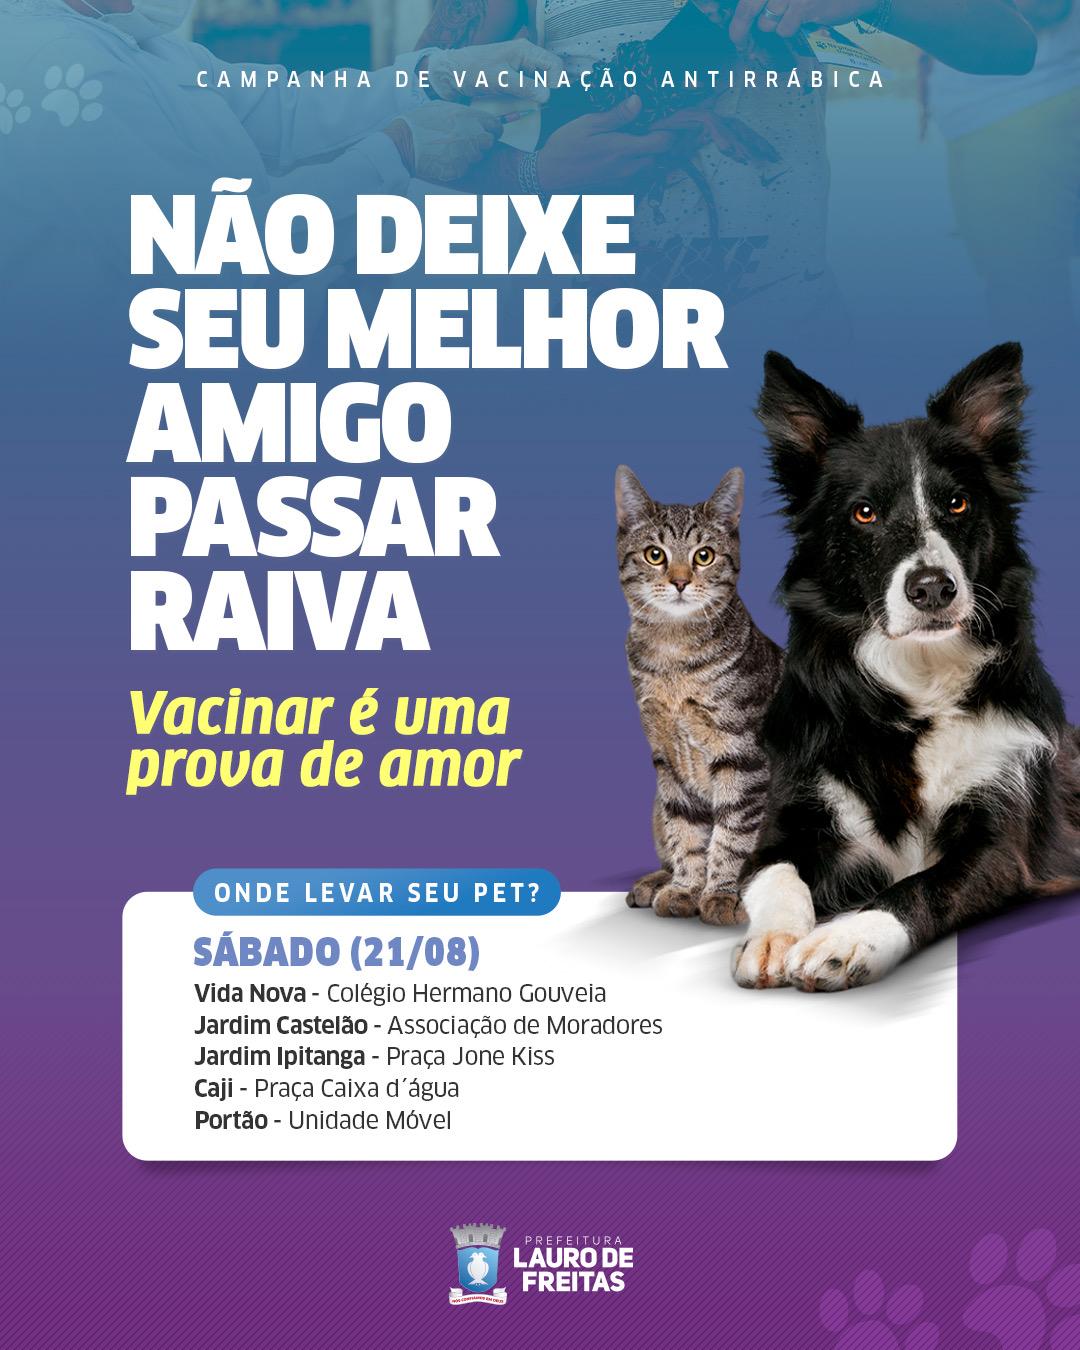 Lauro de Freitas inicia campanha de vacinação antirrábica neste sábado (21)